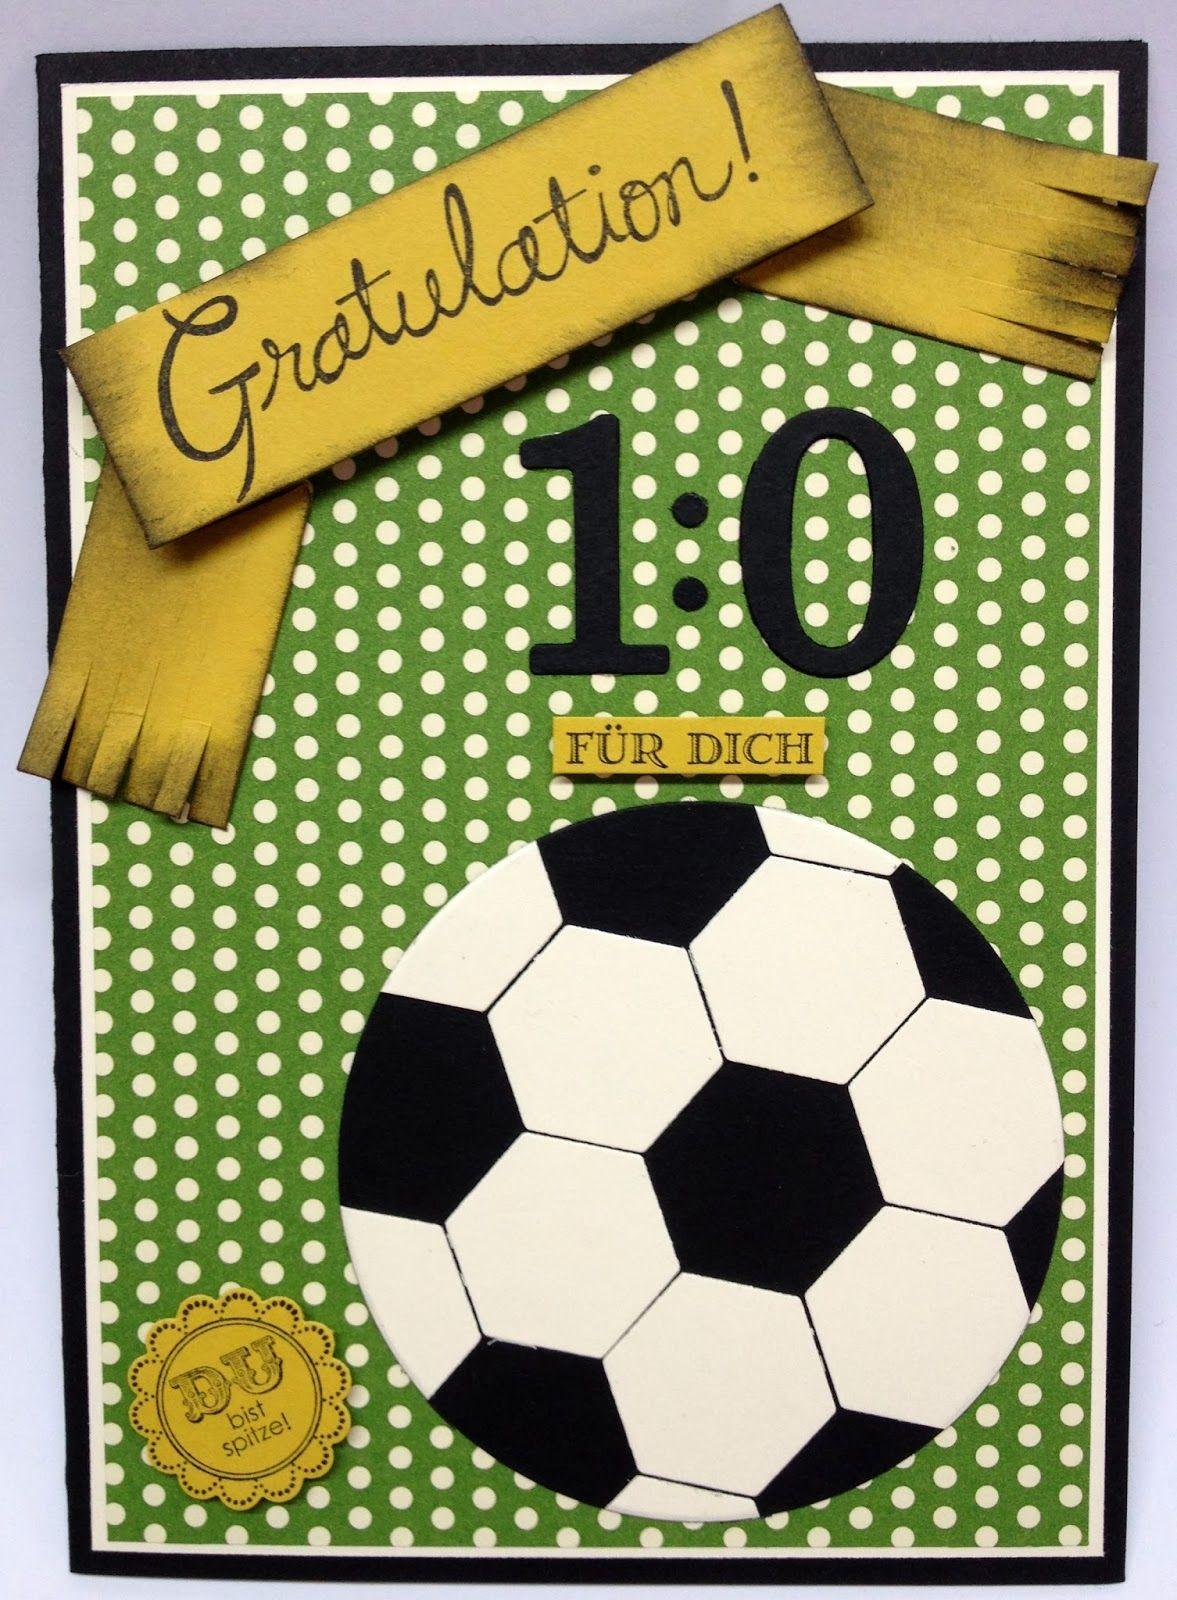 Elegant Fußball Geschenke Für Männer Beste Wahl Männer · Kleine · Geburtstagsgeschenk Mann ·